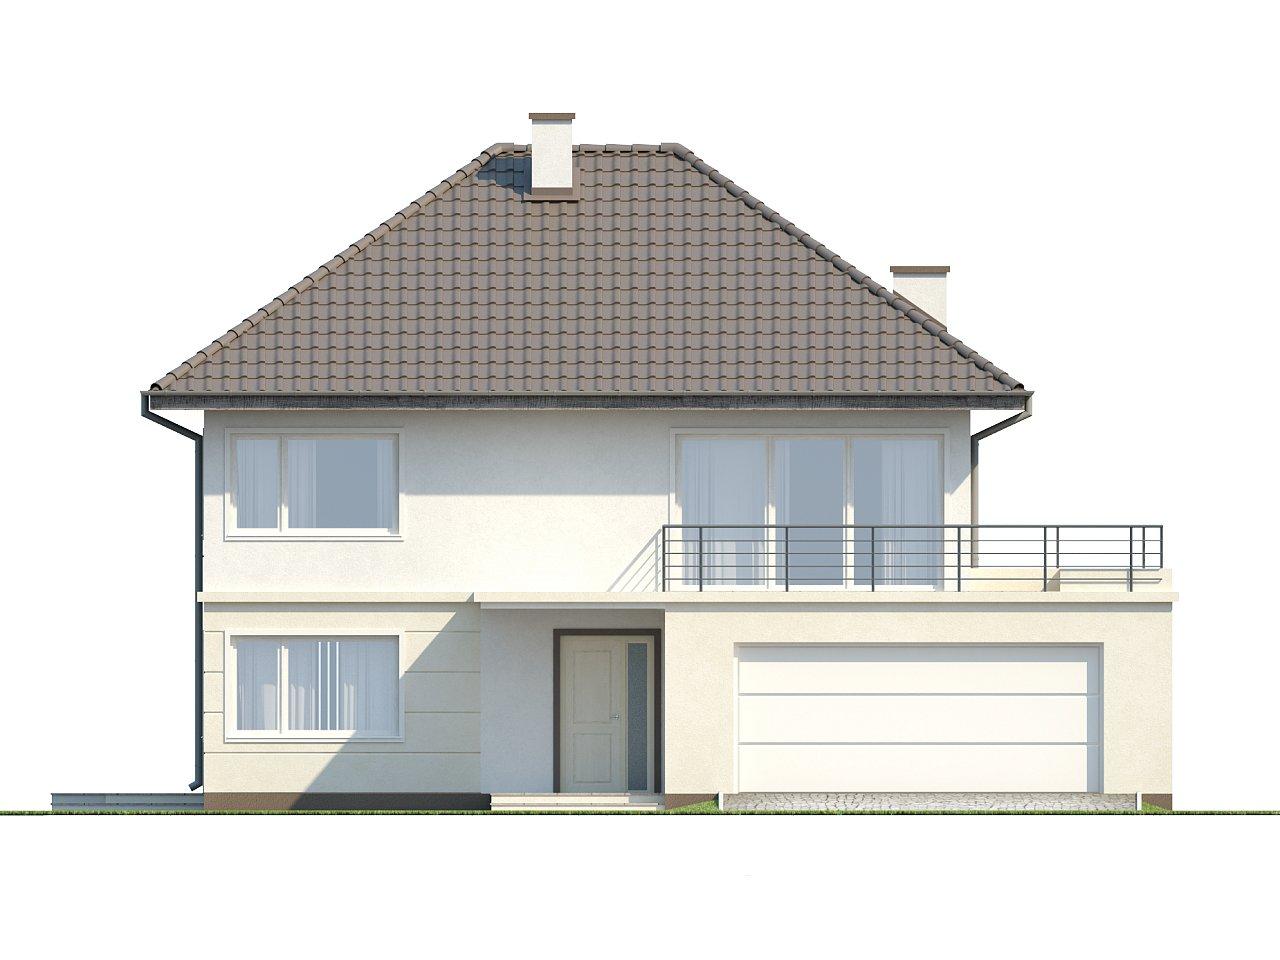 Просторный двухэтажный дом простой формы с террасой над гаражом. - фото 10